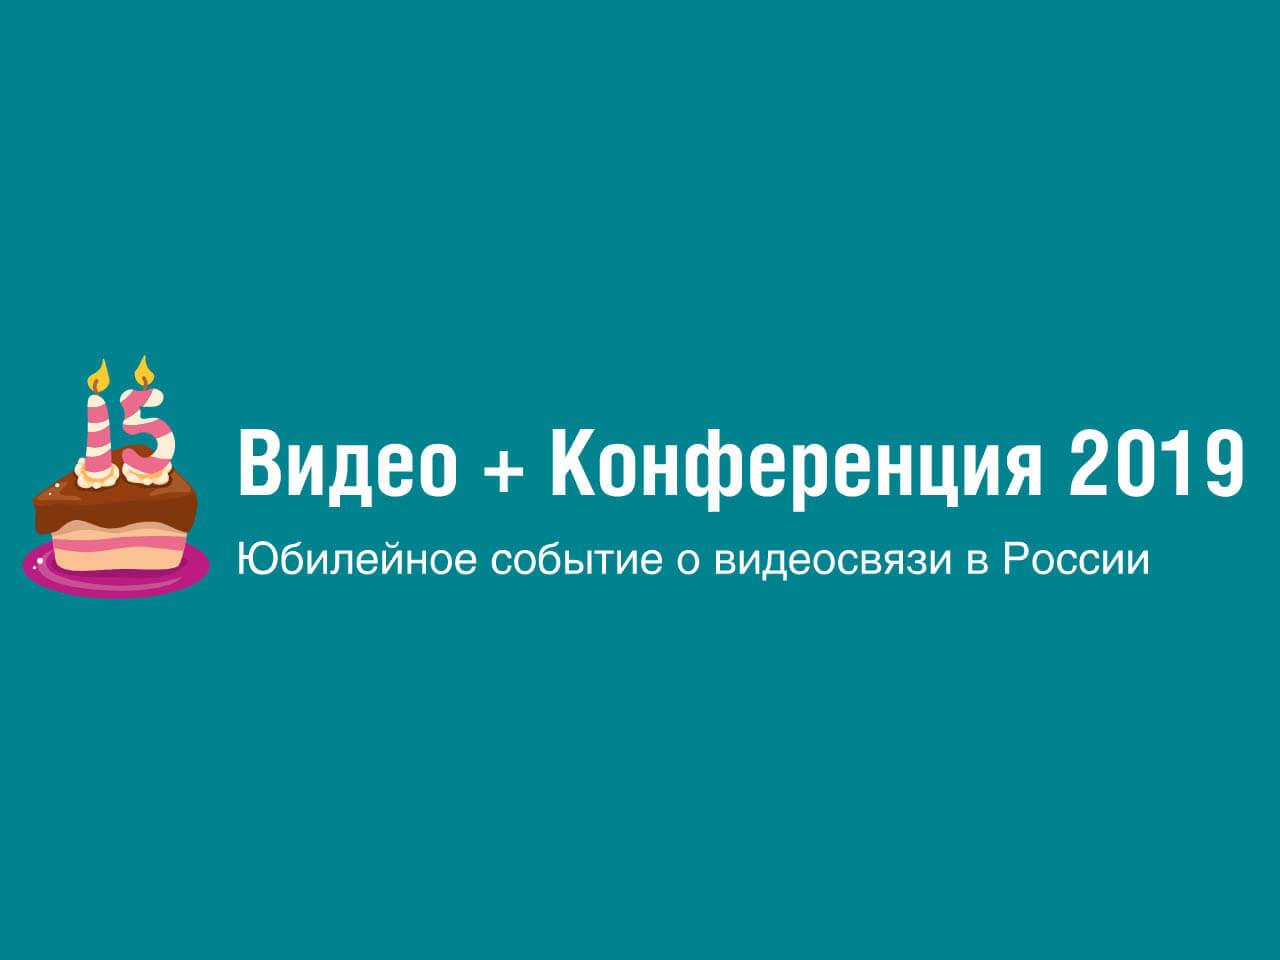 Видео+Конференция 2019: Главное событие о технологиях видеосвязи